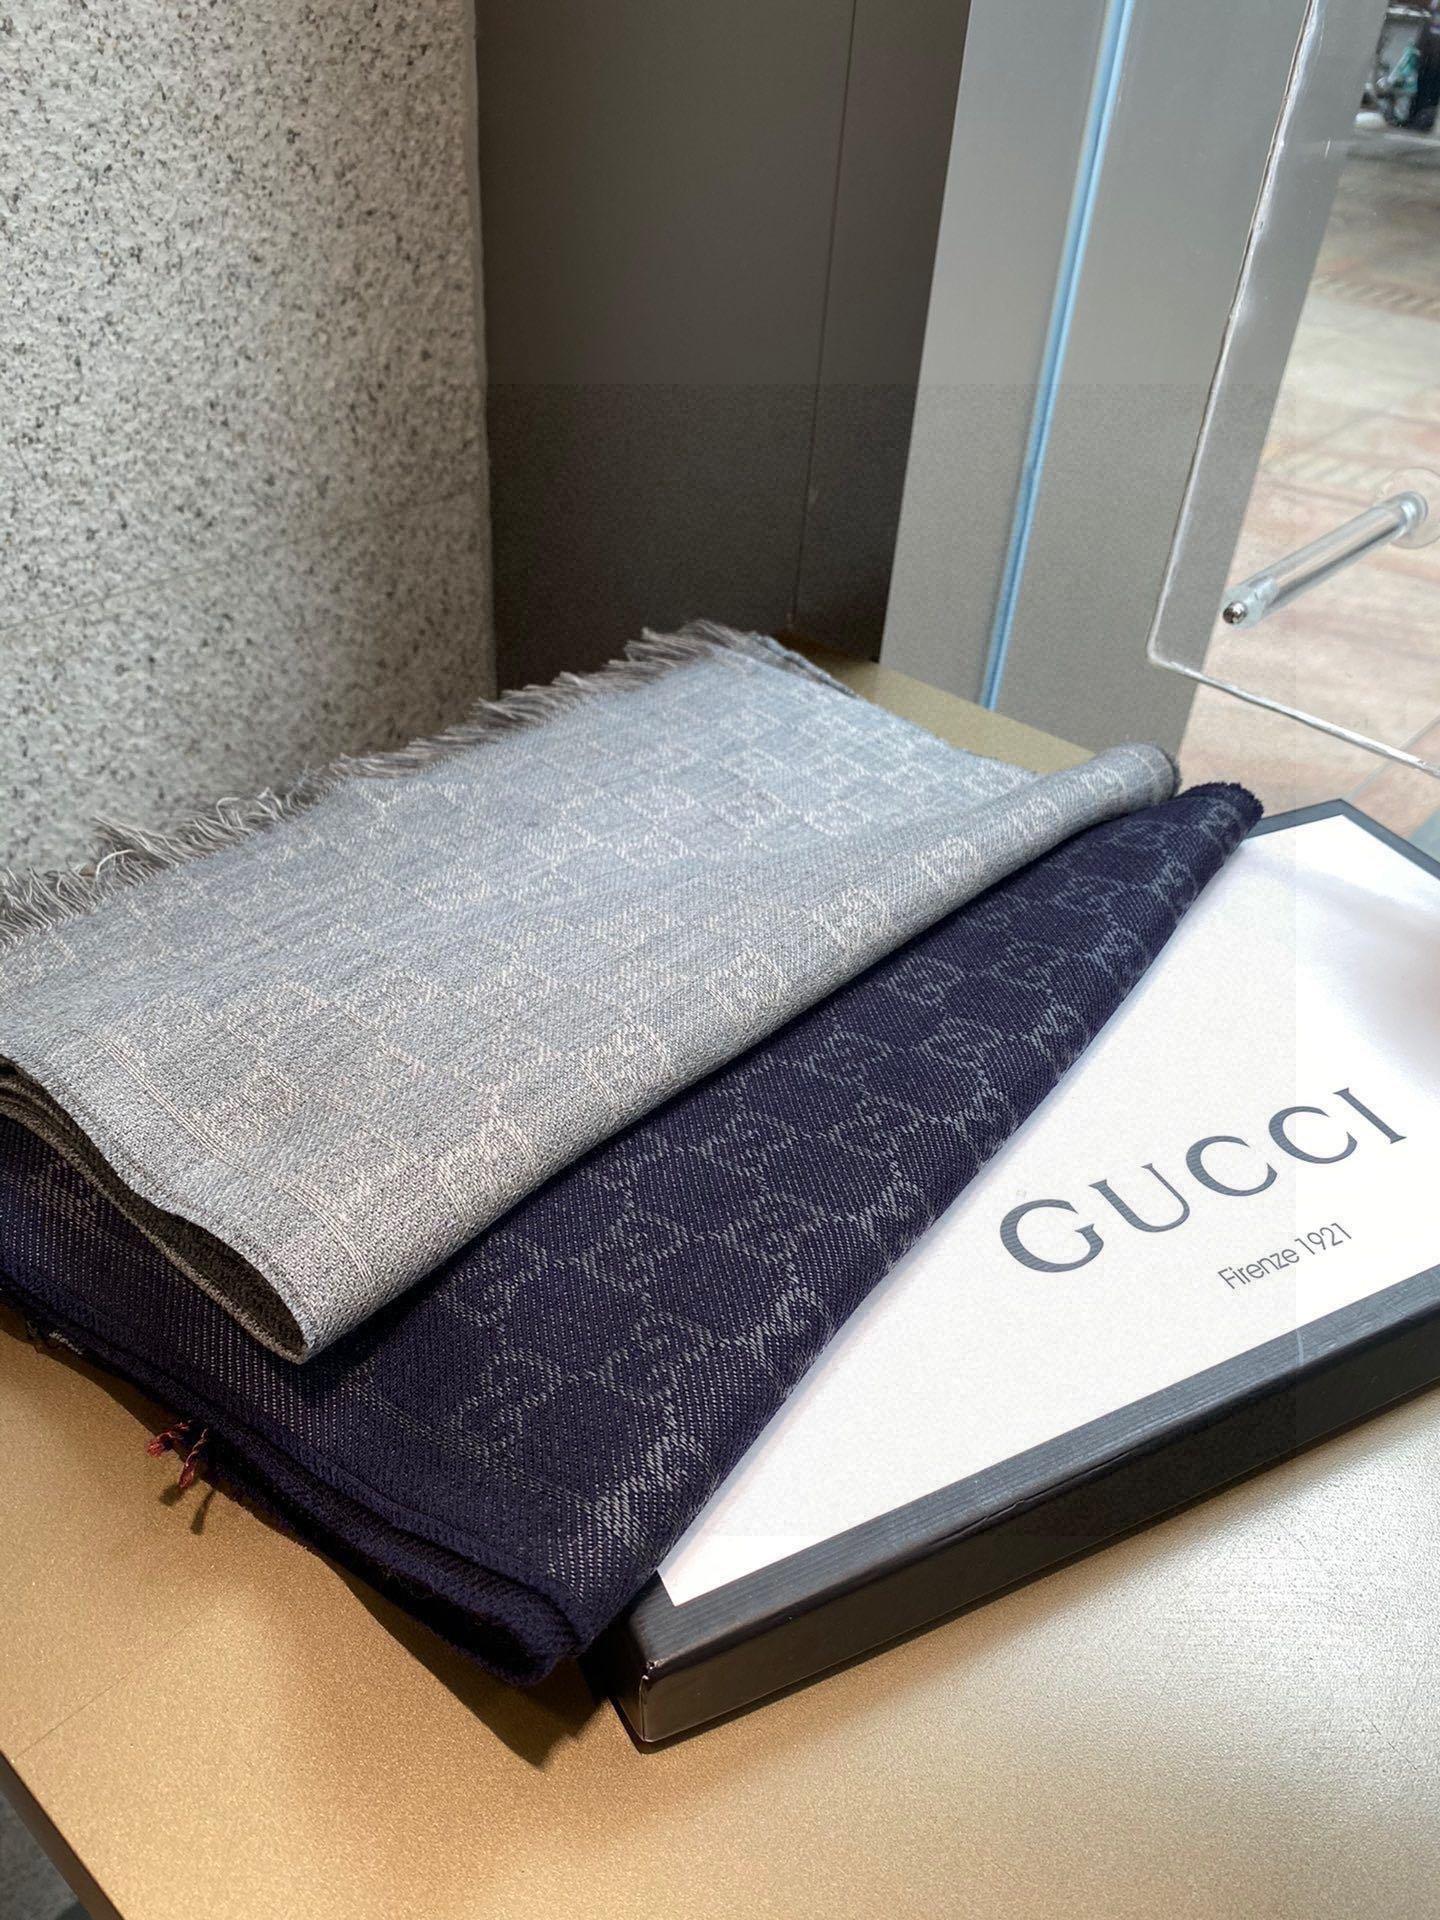 免代购的围巾一模一样Gucci重磅极